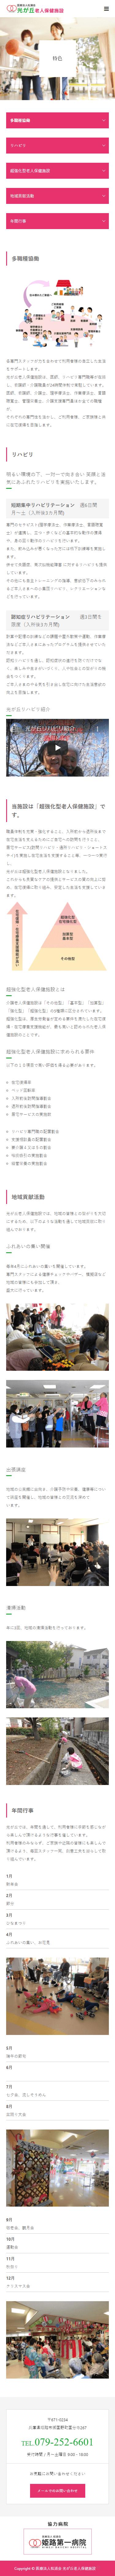 姫路市 光が丘老人保健施設 ホームページ制作4